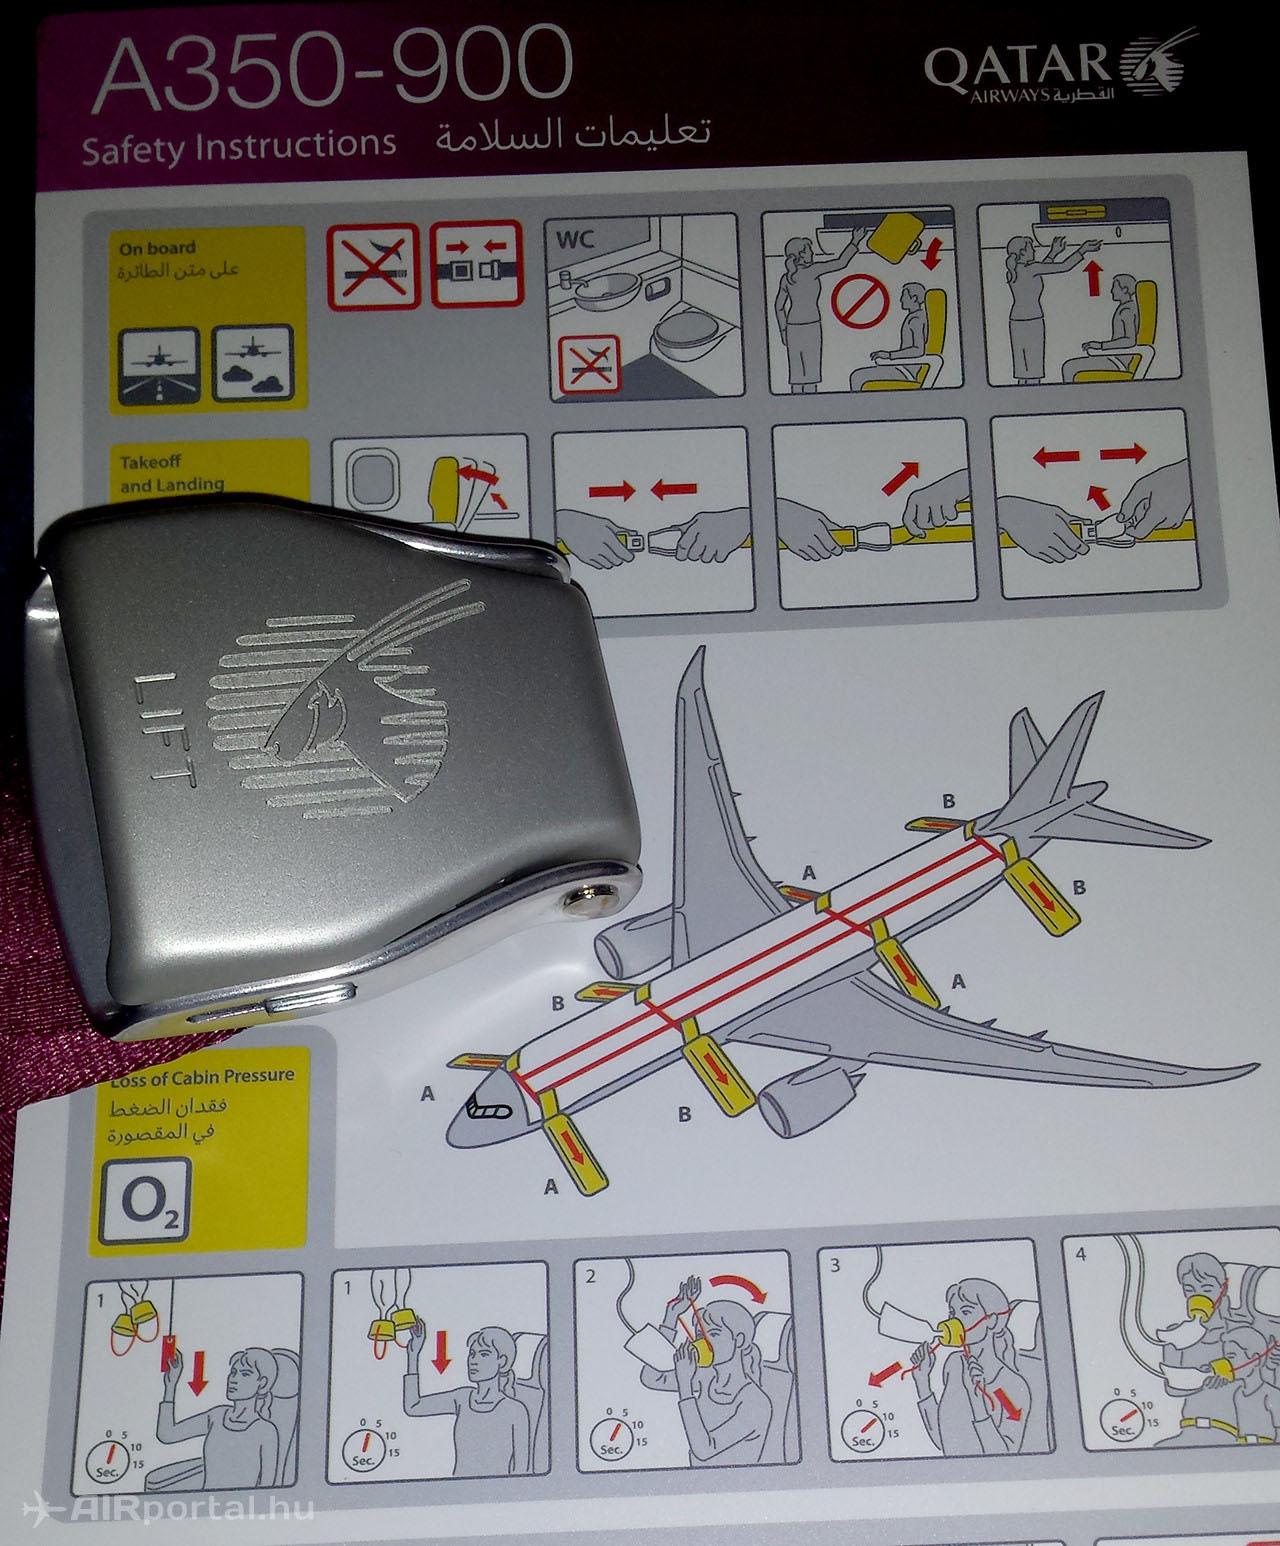 Logózott övcsat és safety card.(Fotó: AIRportal.hu)   © AIRportal.hu